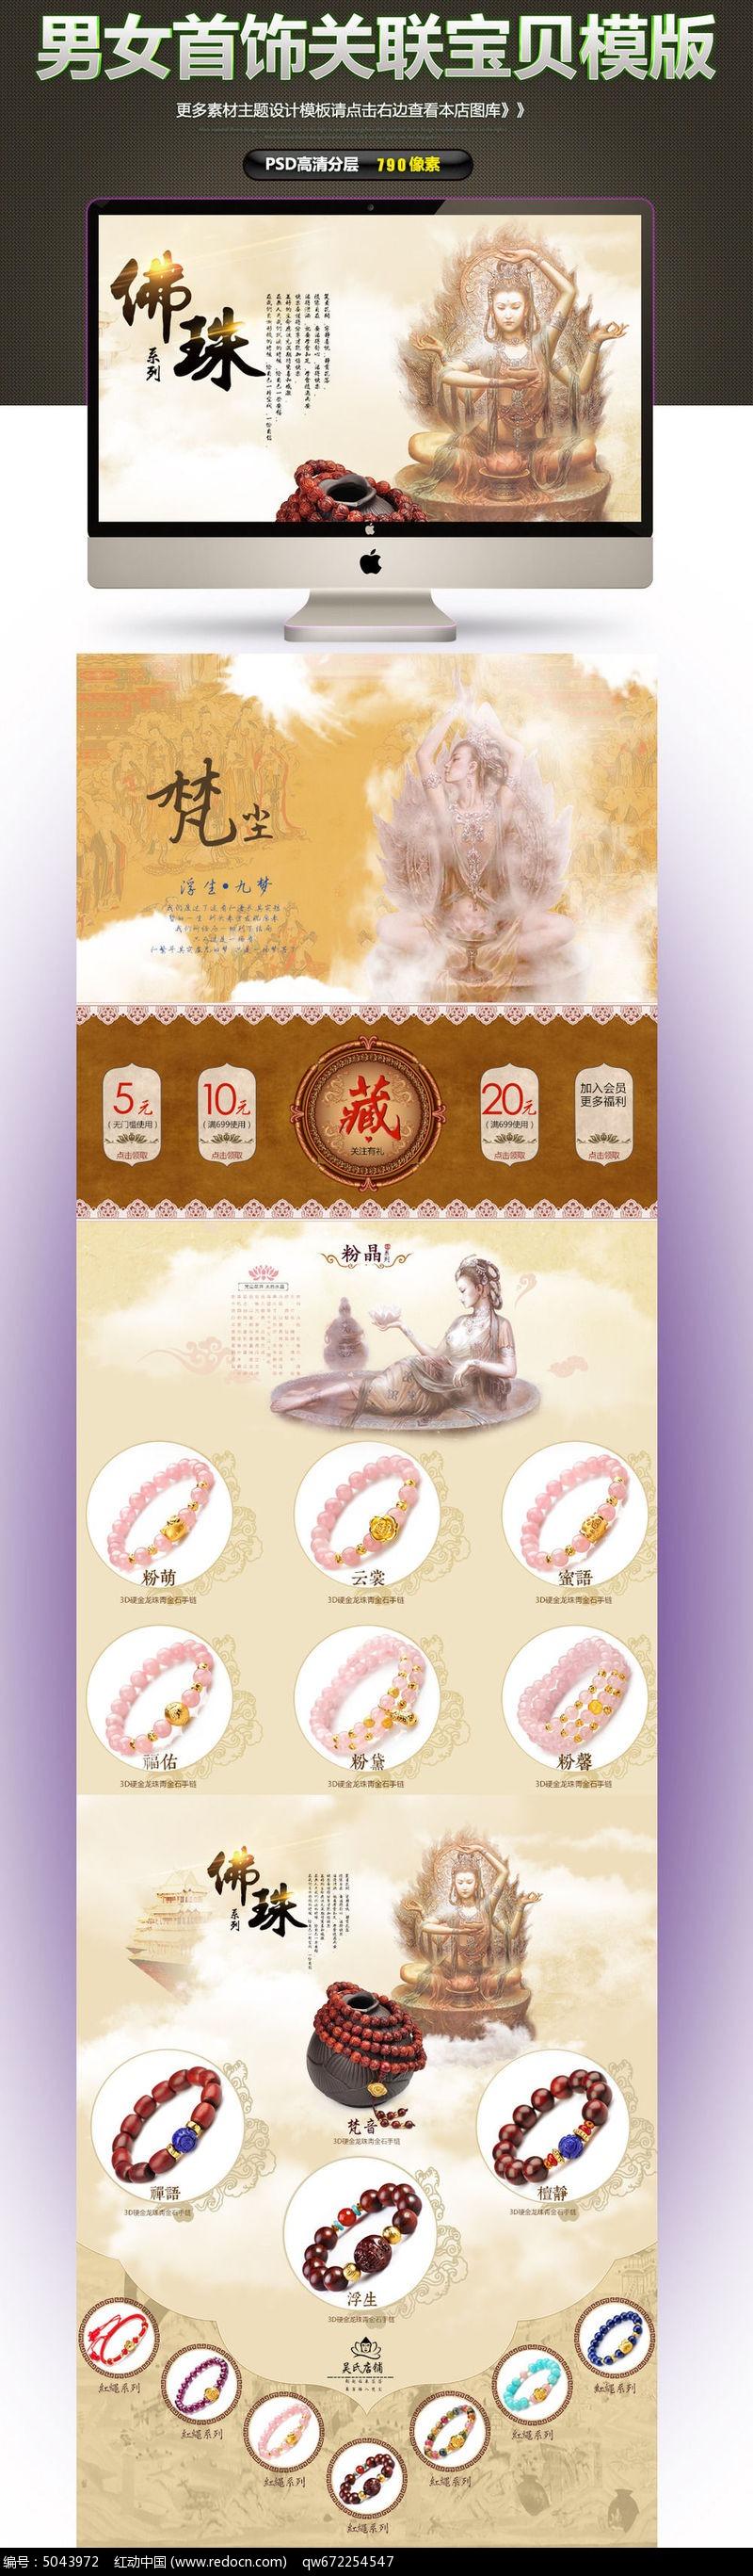 佛珠男女金银首饰珠宝通用首页模板